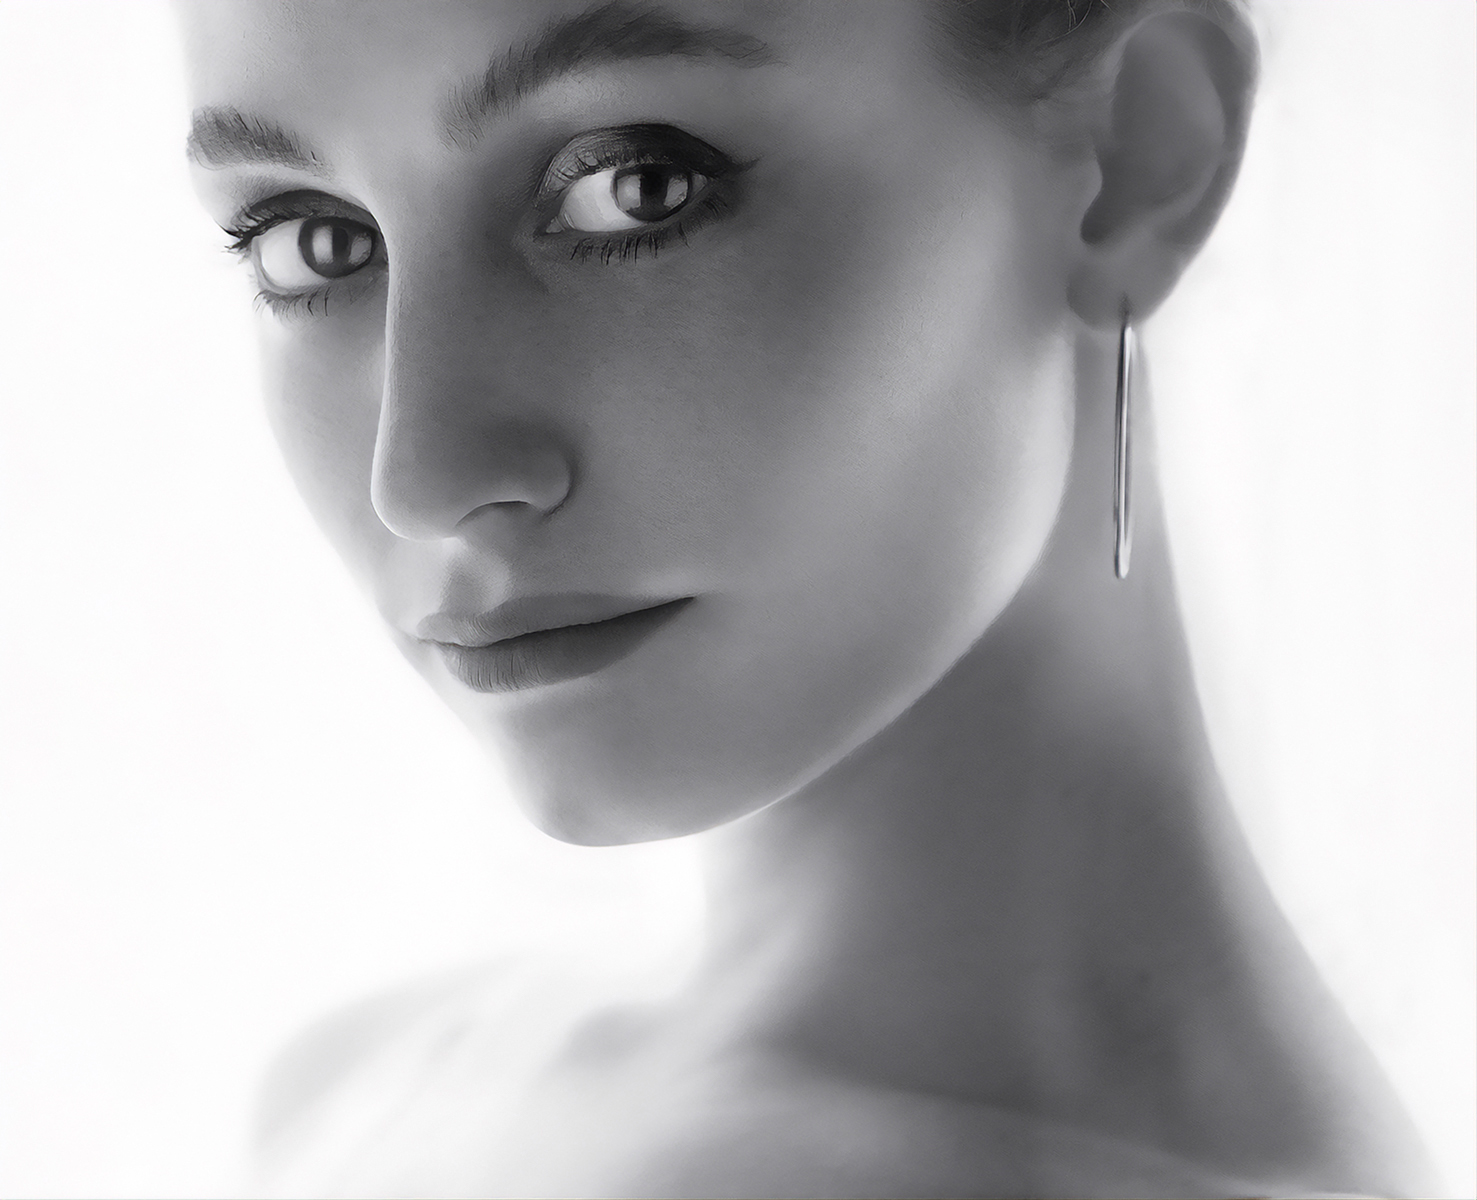 Portrait-of-an-angel_258